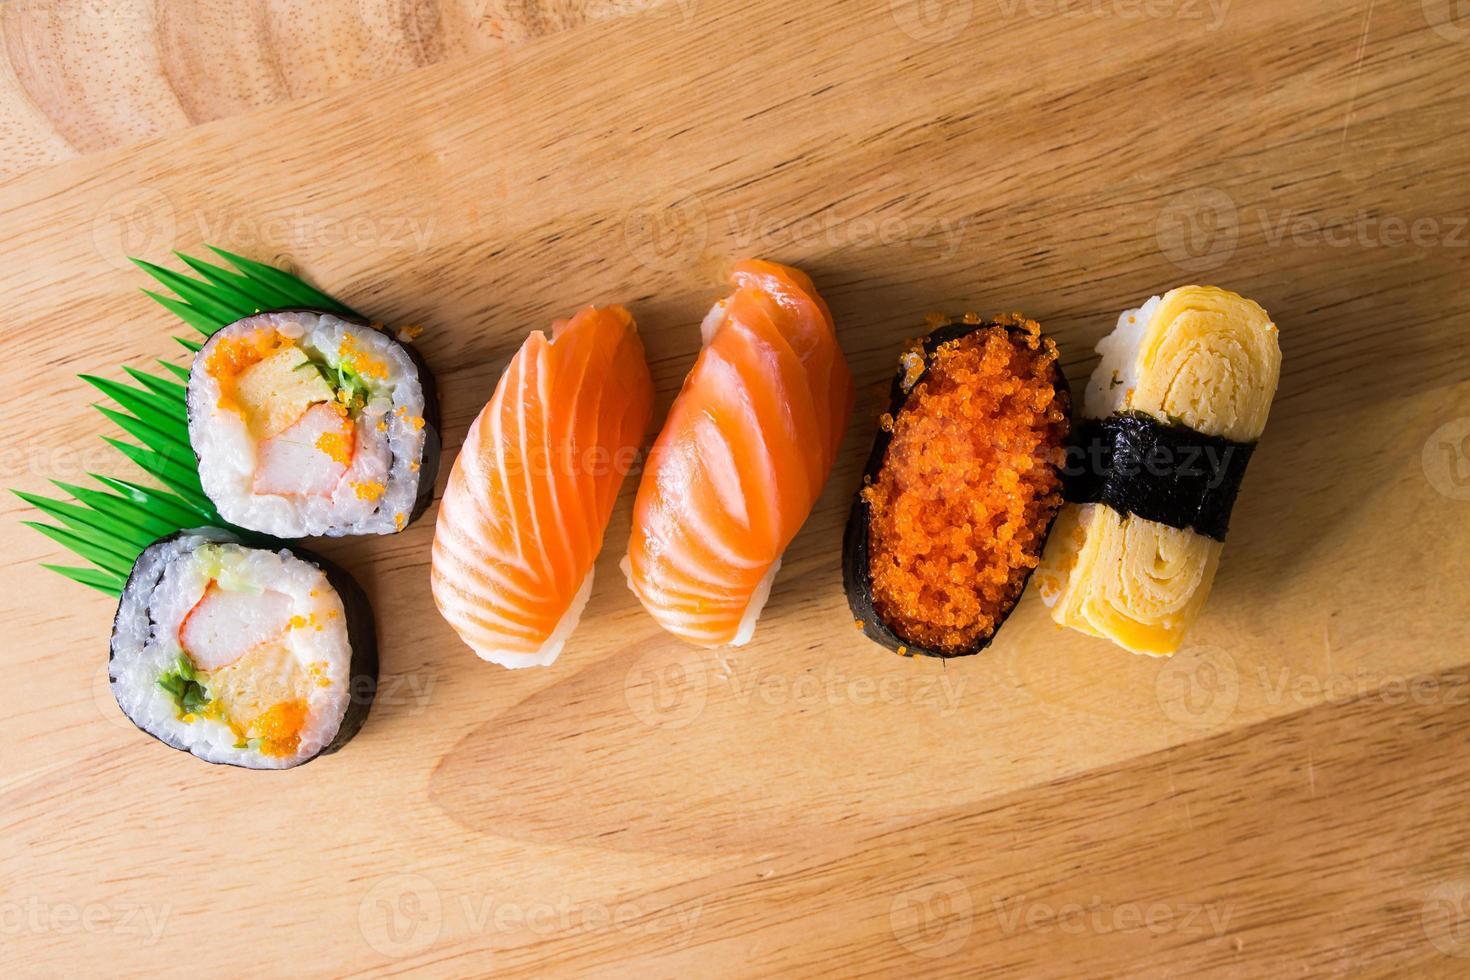 Sushi and Maki photo